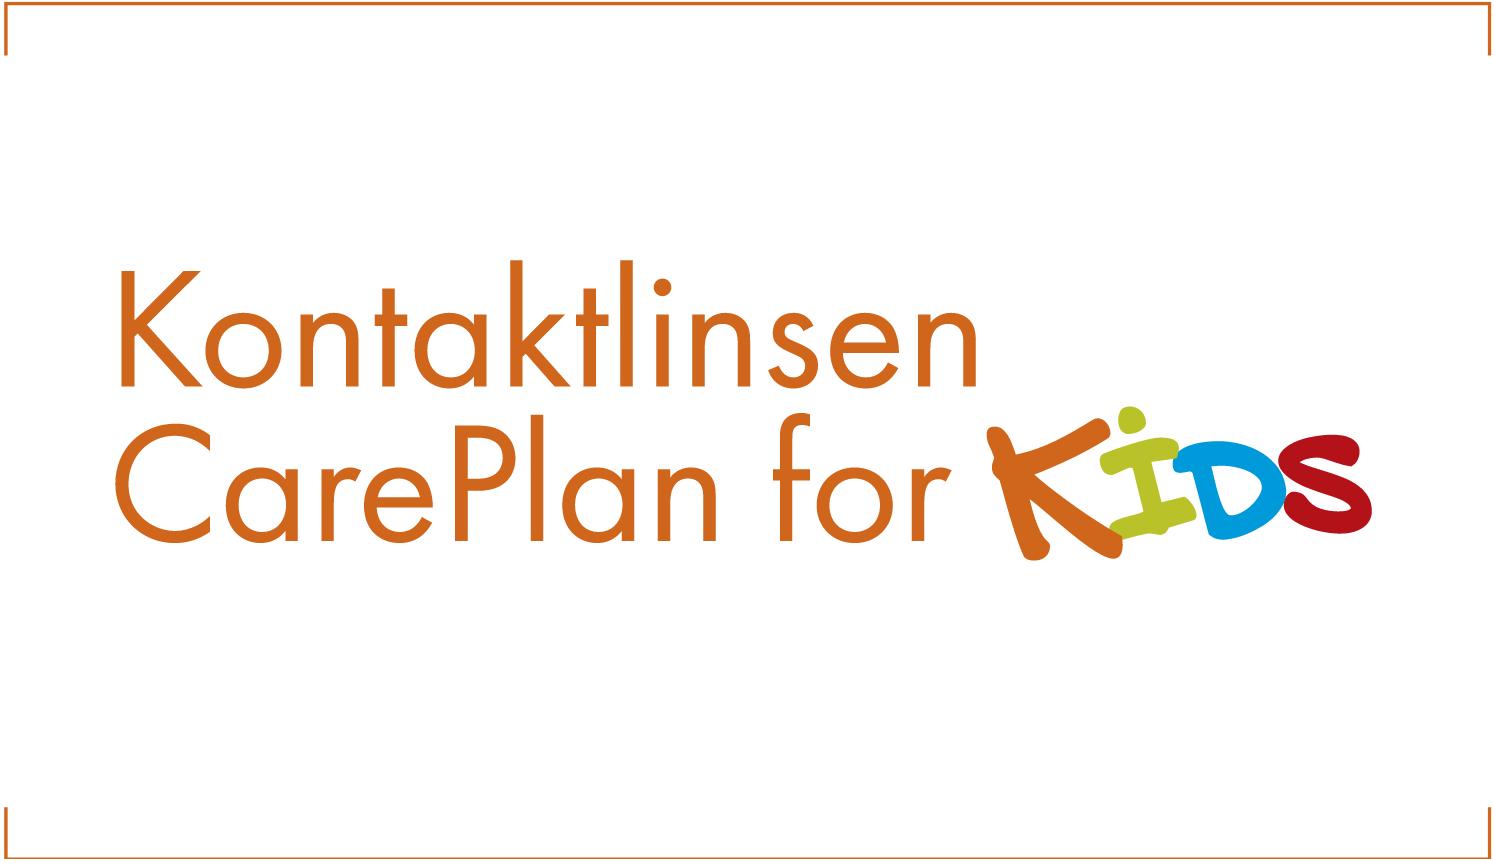 Kontaktlinsen-CarePlan_Kids_Andre-Augenoptik_Rahmen